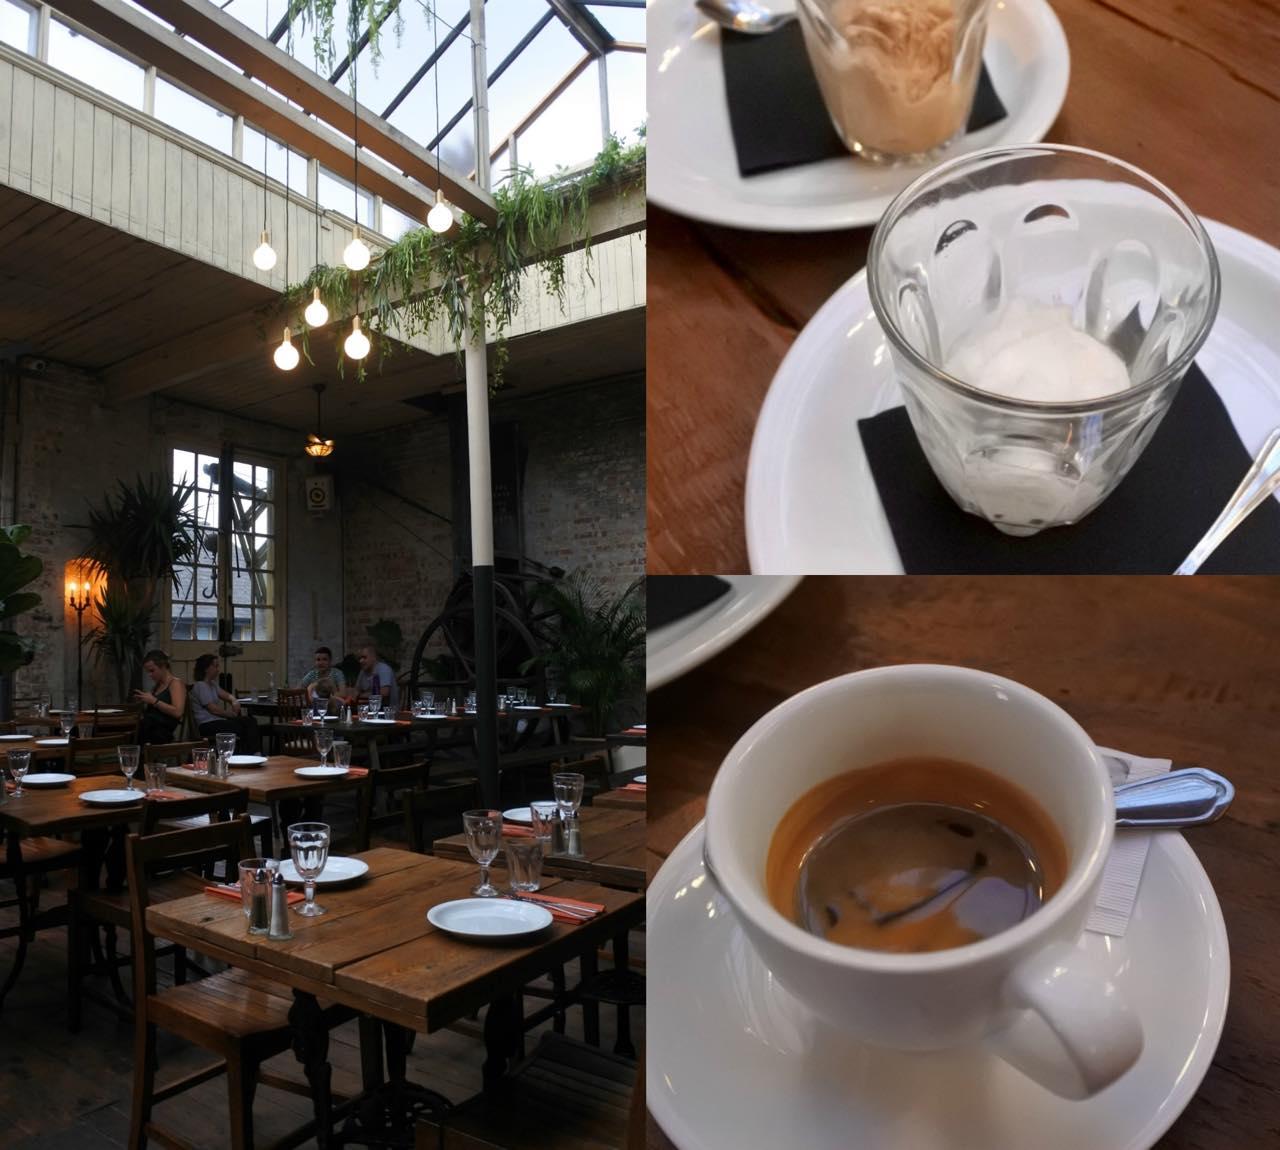 この日はアイスクリームで軽くフィニッシュ。ポルトガル・コーヒーの「Bica」もお忘れなく。